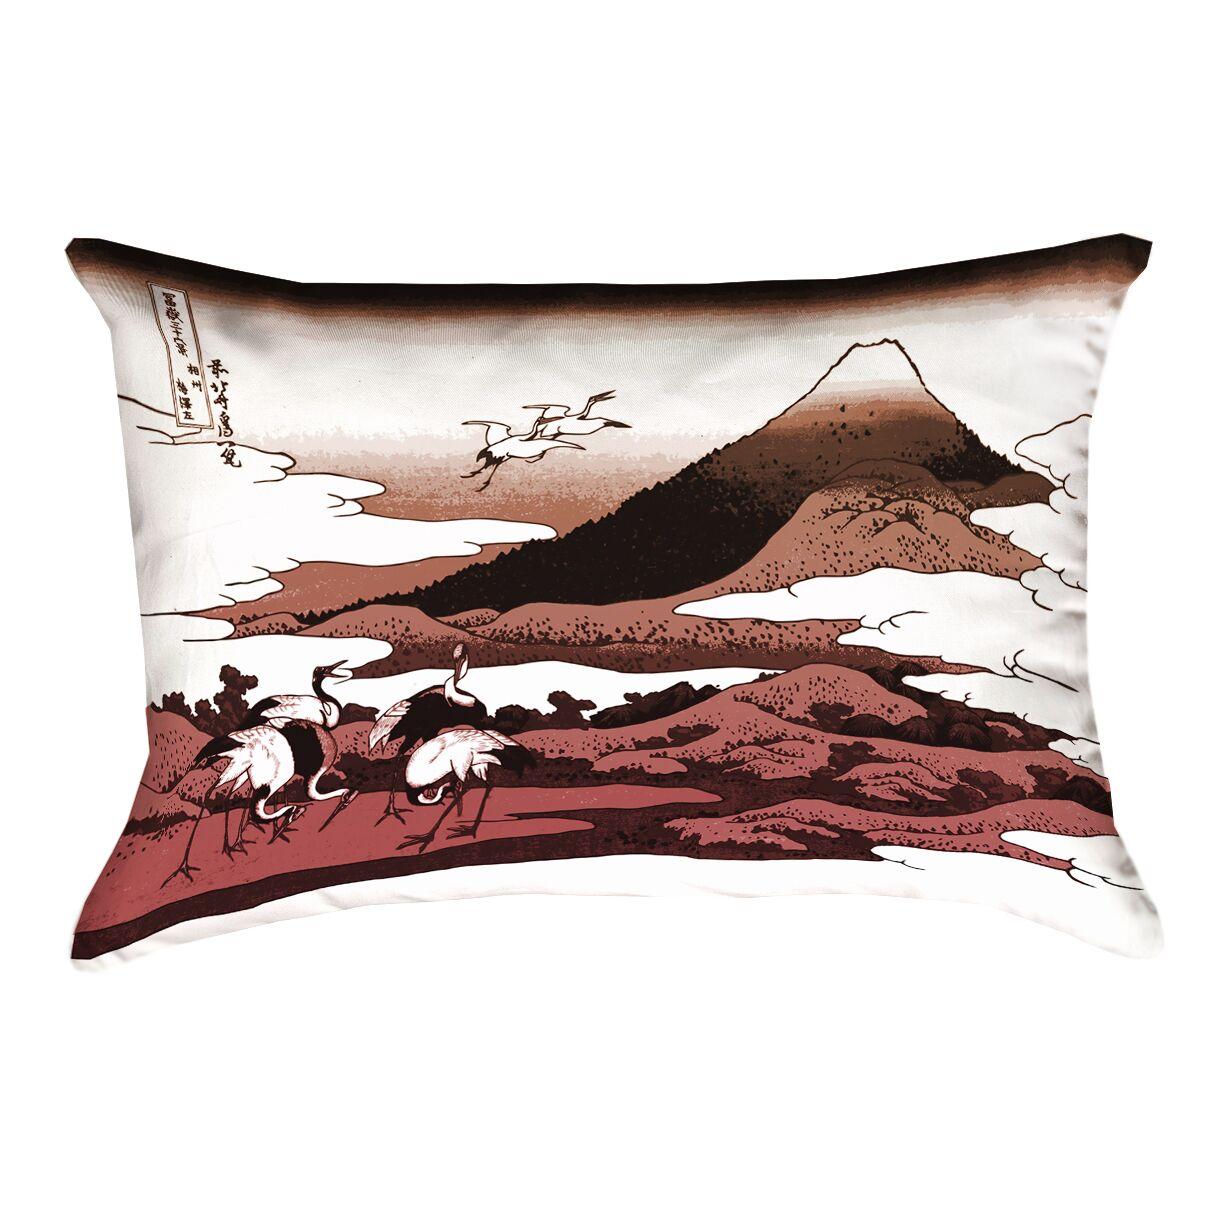 Montreal Japanese Cranes Outdoor Lumbar Pillow